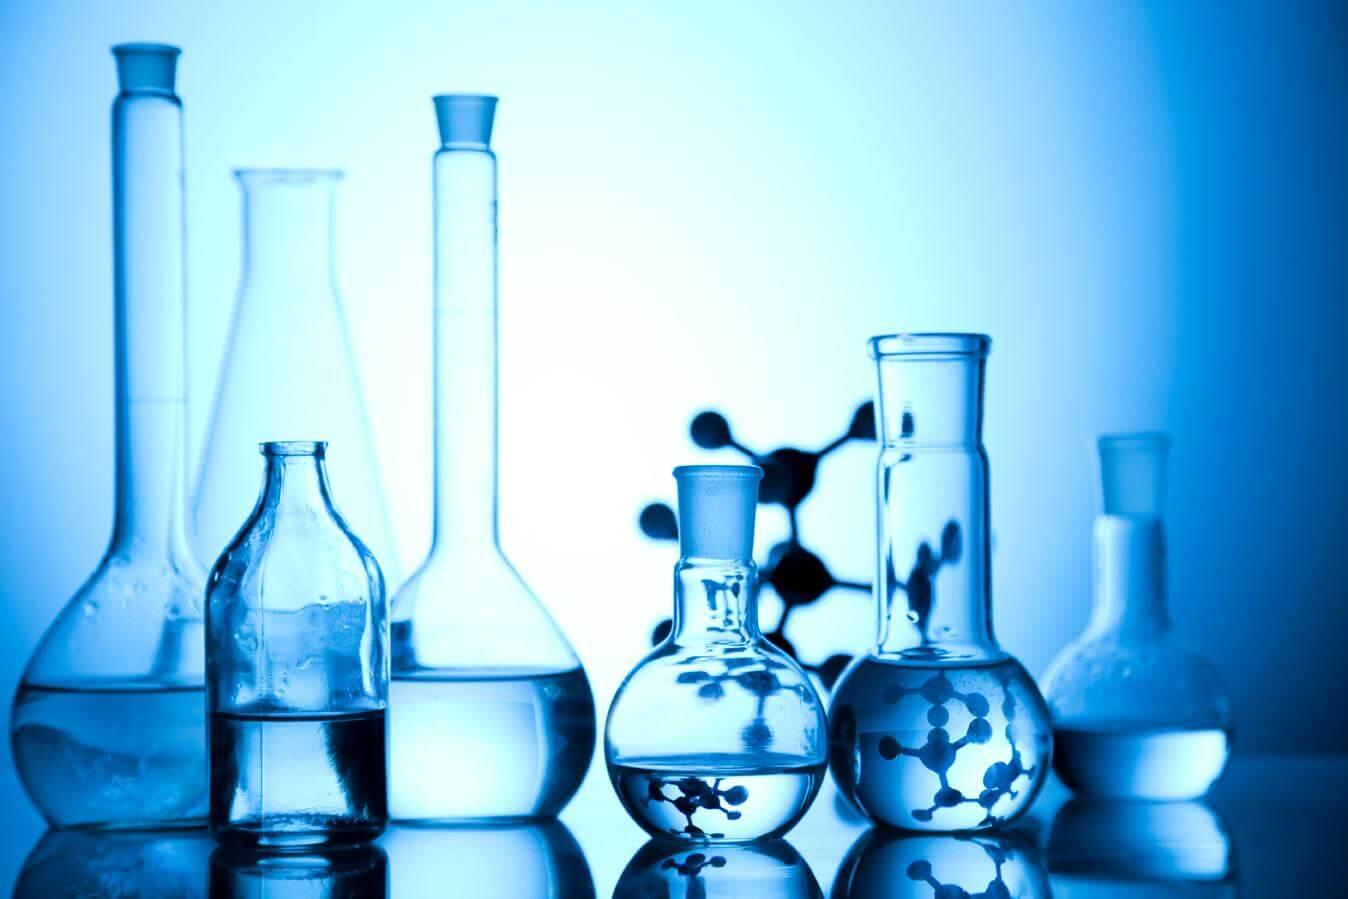 لیست ده مورد از پرکاربردترین شیشه آلات آزمایشگاهی